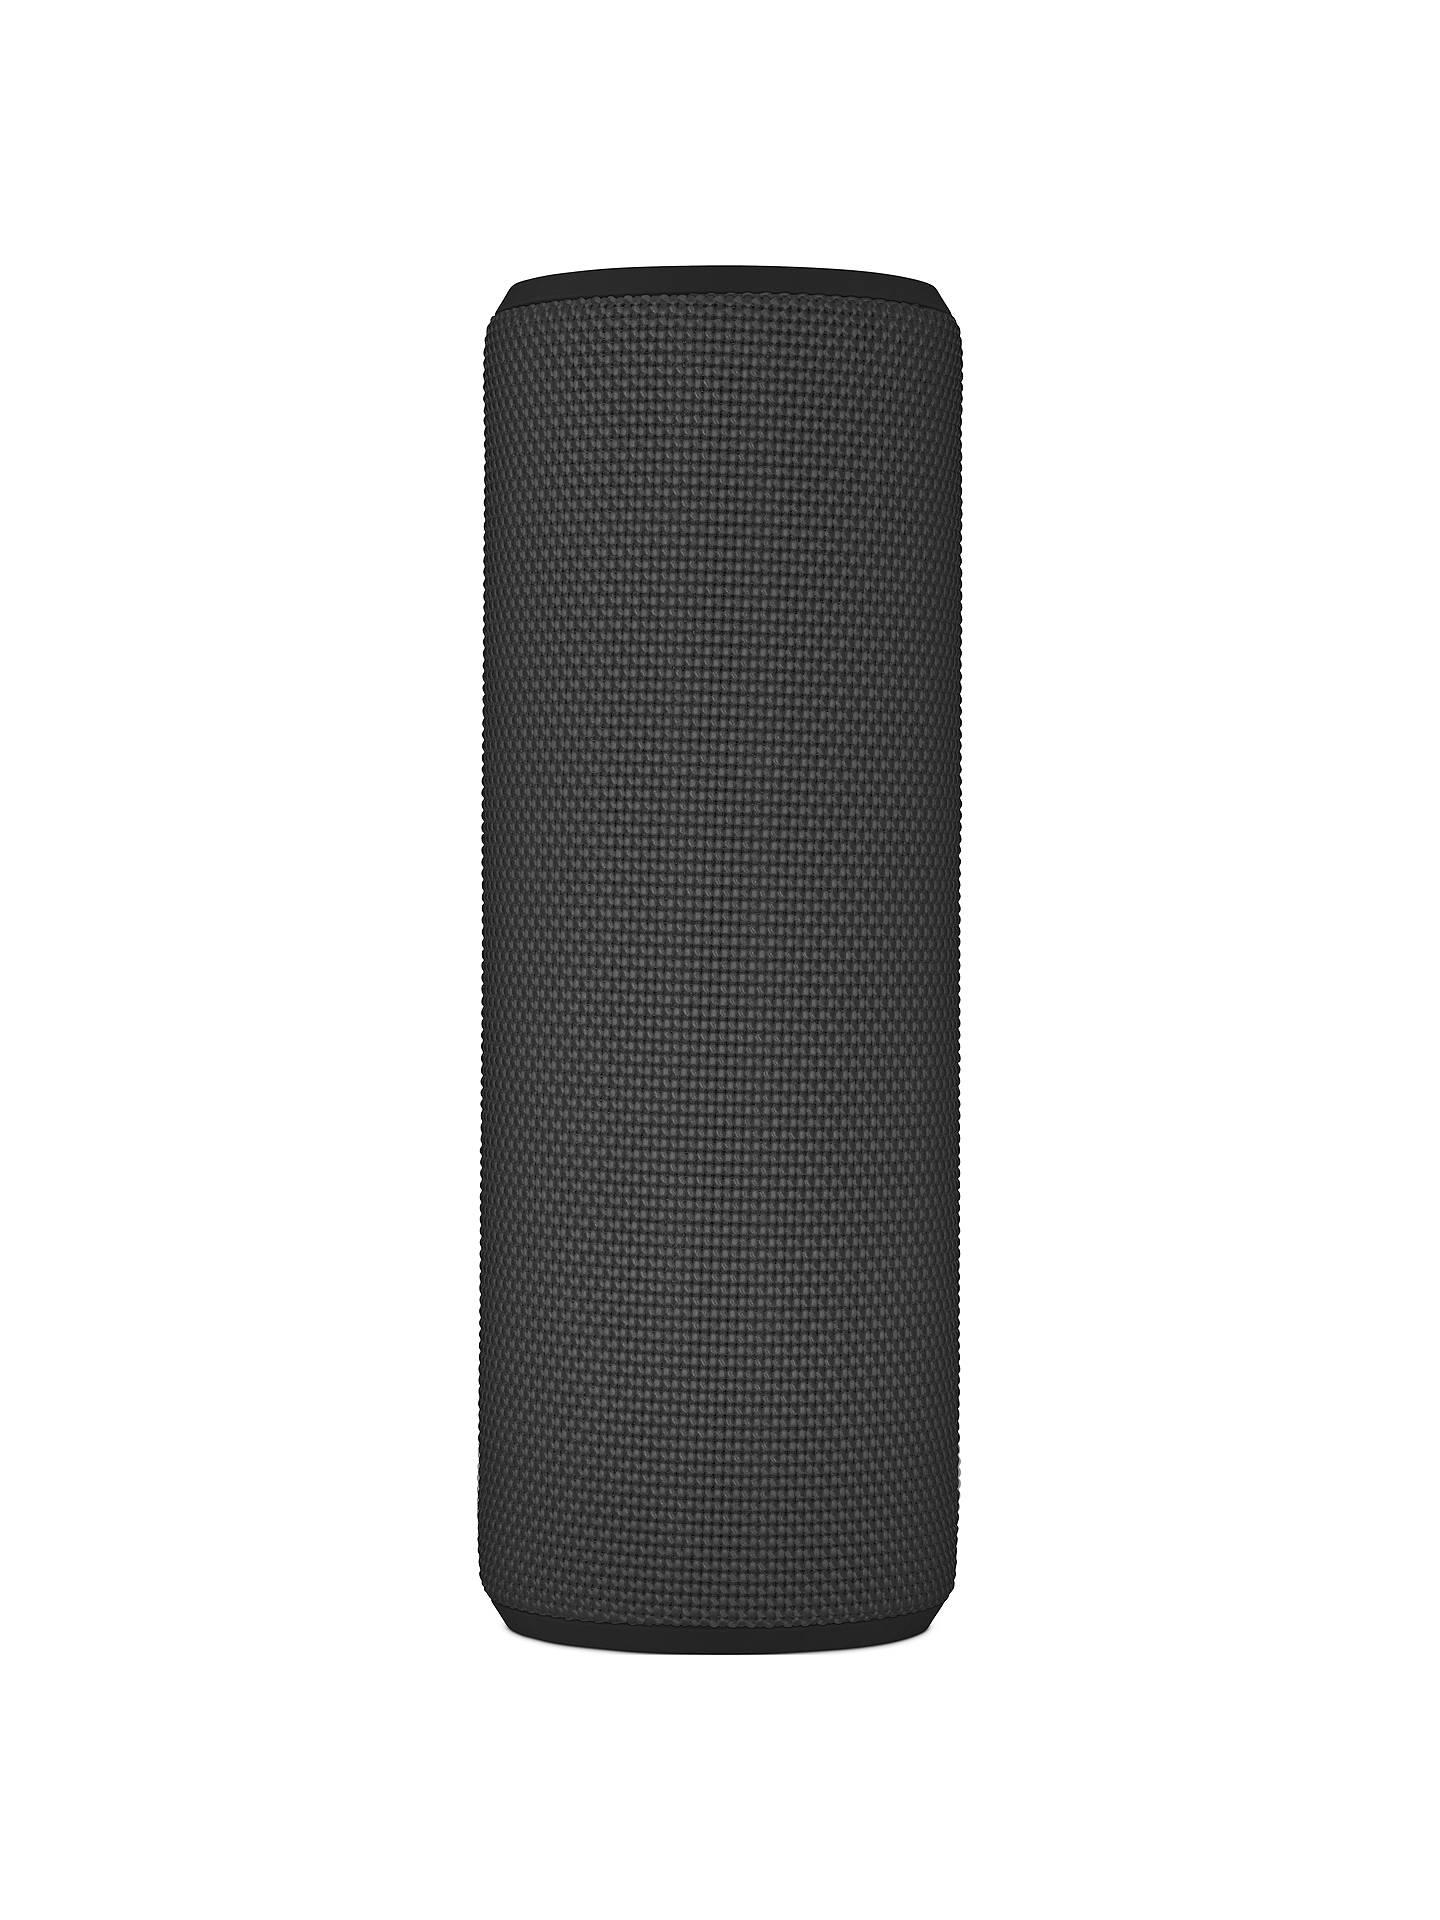 Ultimate Ears BOOM 2 Bluetooth Waterproof Portable Speaker, Phantom